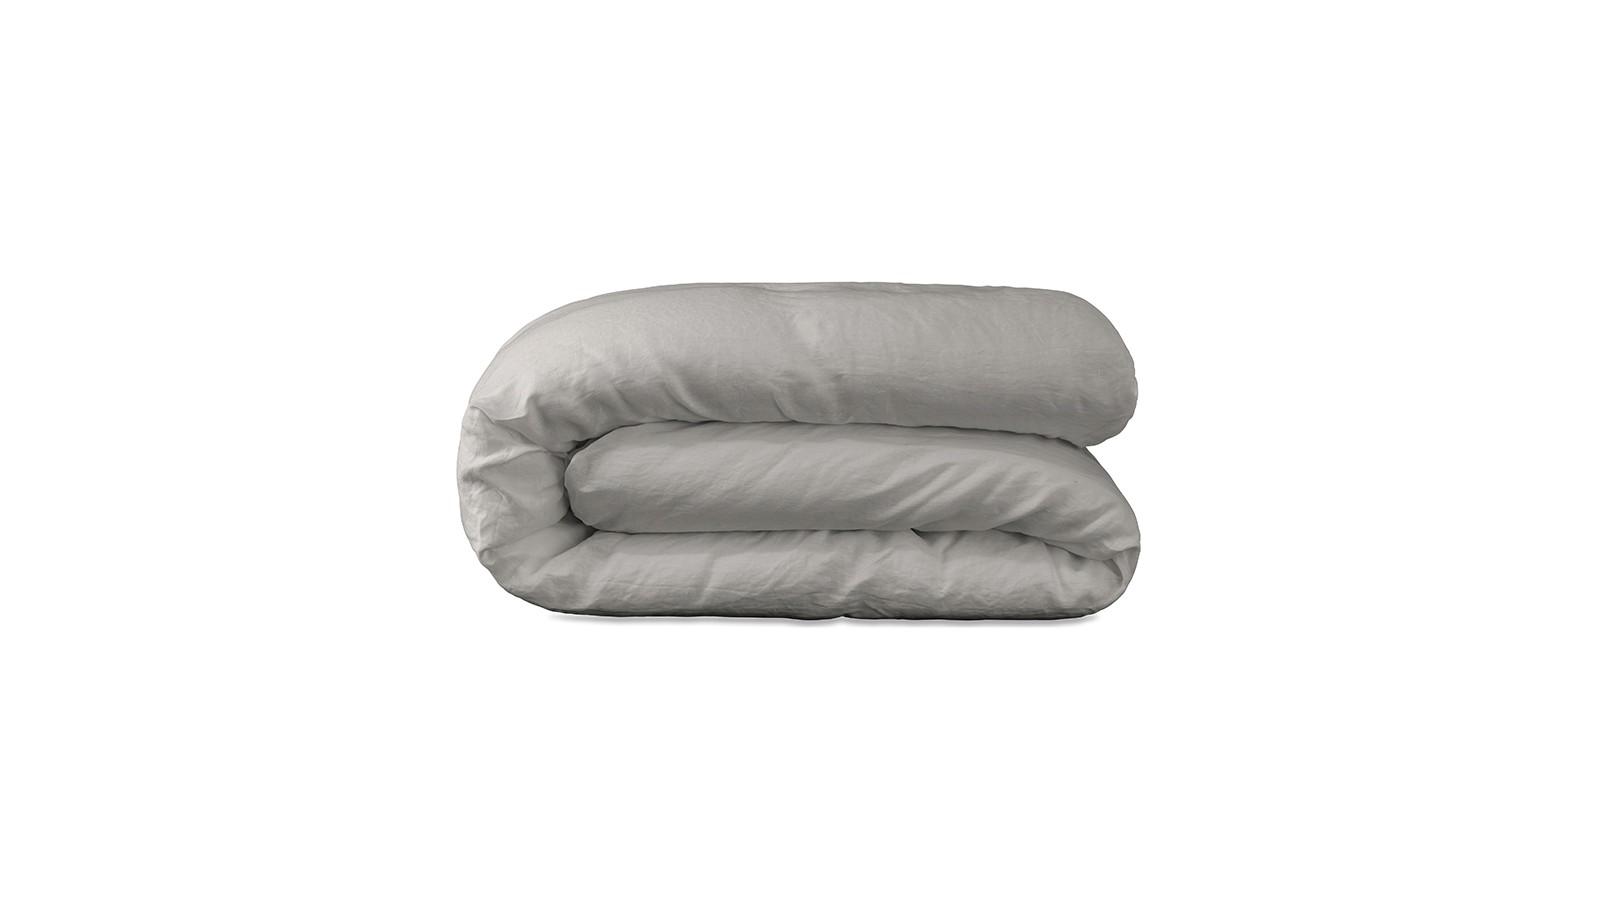 Housse de couette lit bébé 100 x 140 cm en lin lavé uni Argile